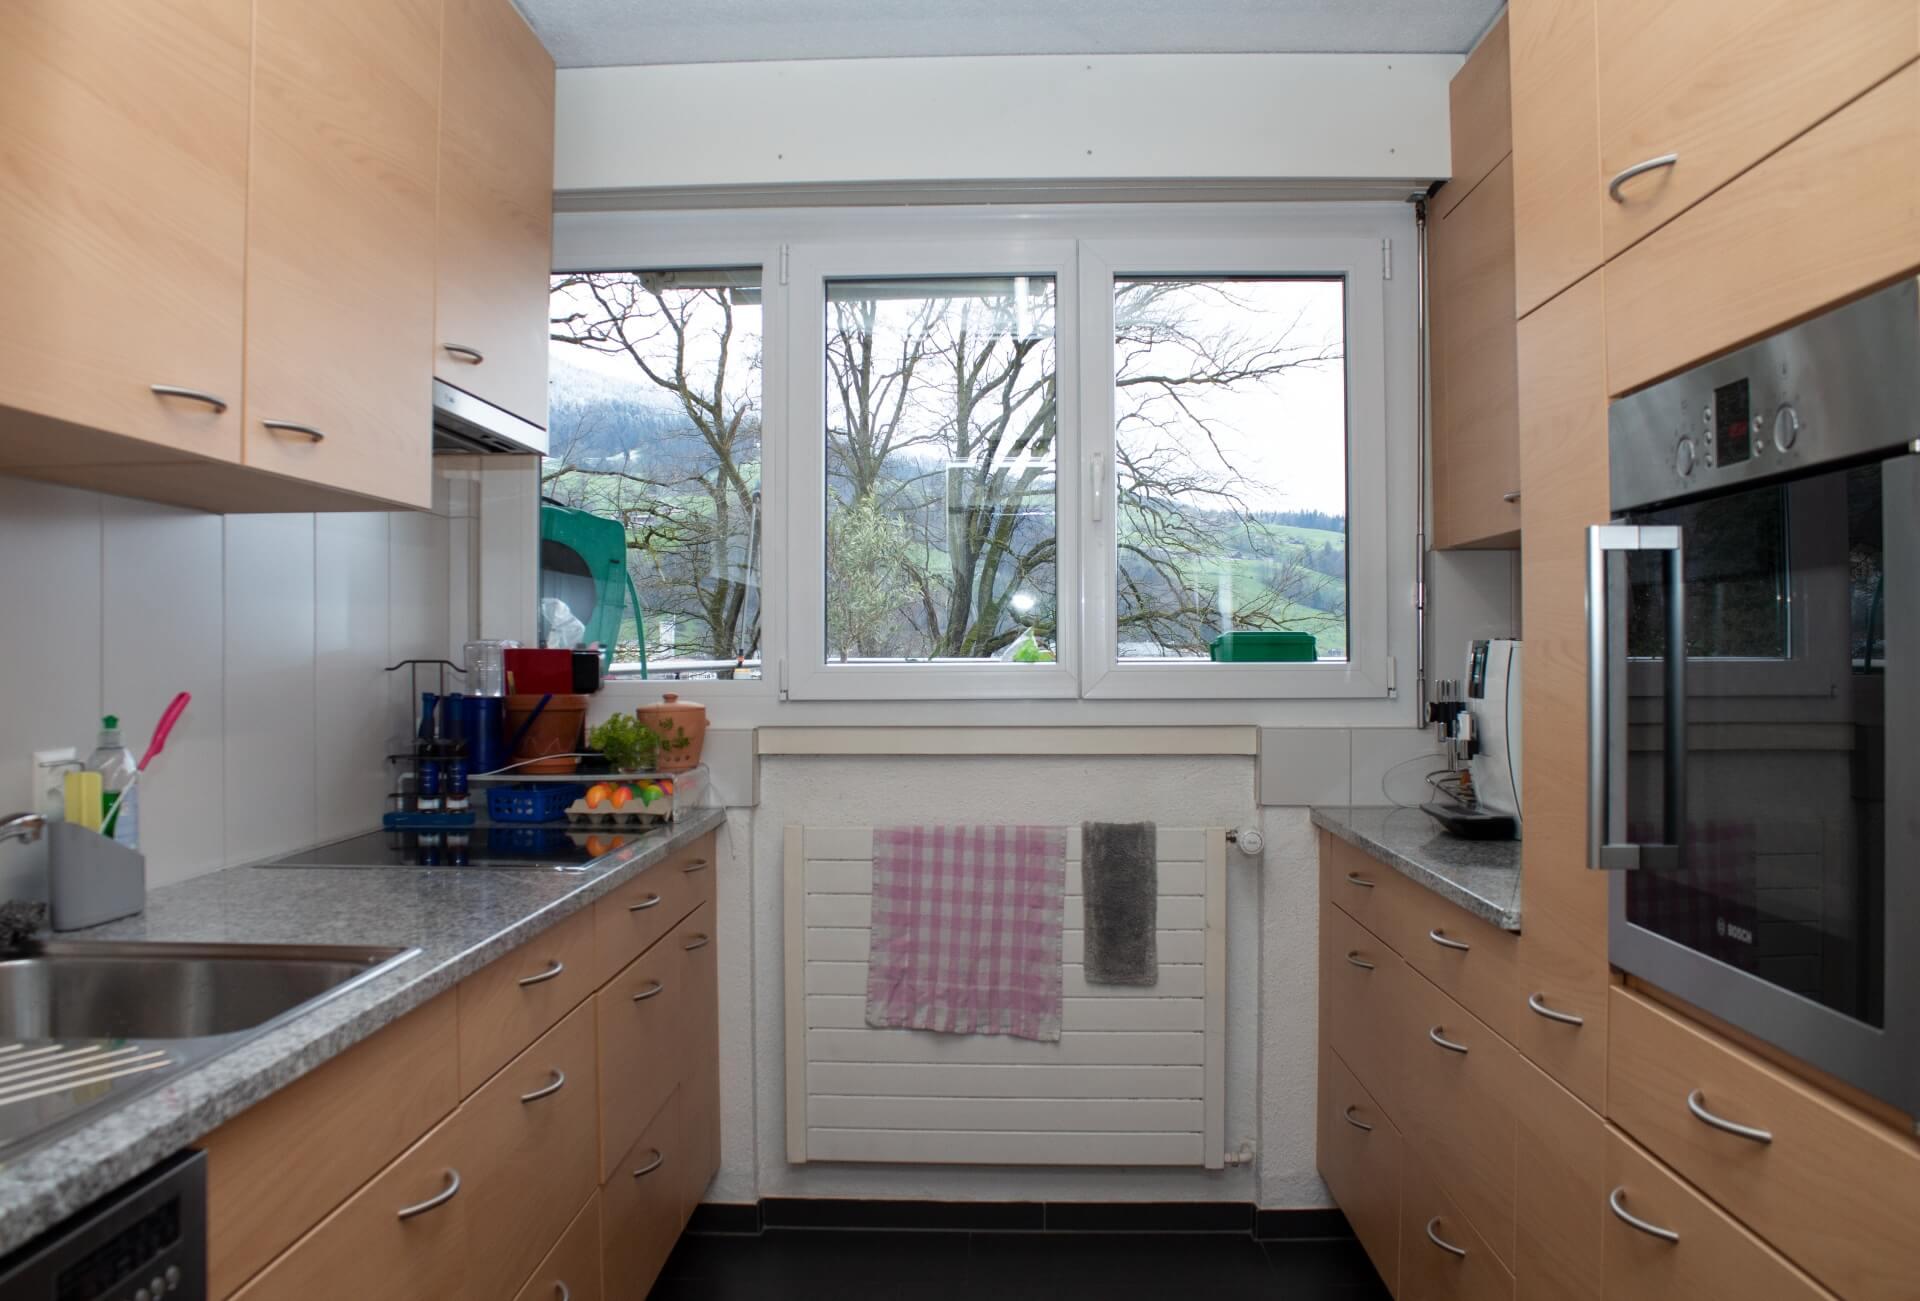 Perspektive einer bestehenden Küche. In der Mitte des Bildes befindet sich eine dreiteilige Fensterfront. Darunter ein Heizungsradiator mit darüber gehängten Putzlappen. Links und rechts der Perspektive befindet sich die bestehende Küche mit hellen Holzfronten mit grauen gebogenen Griffen und einer grau, weiss, schwarz maserierten Granitabdeckung.